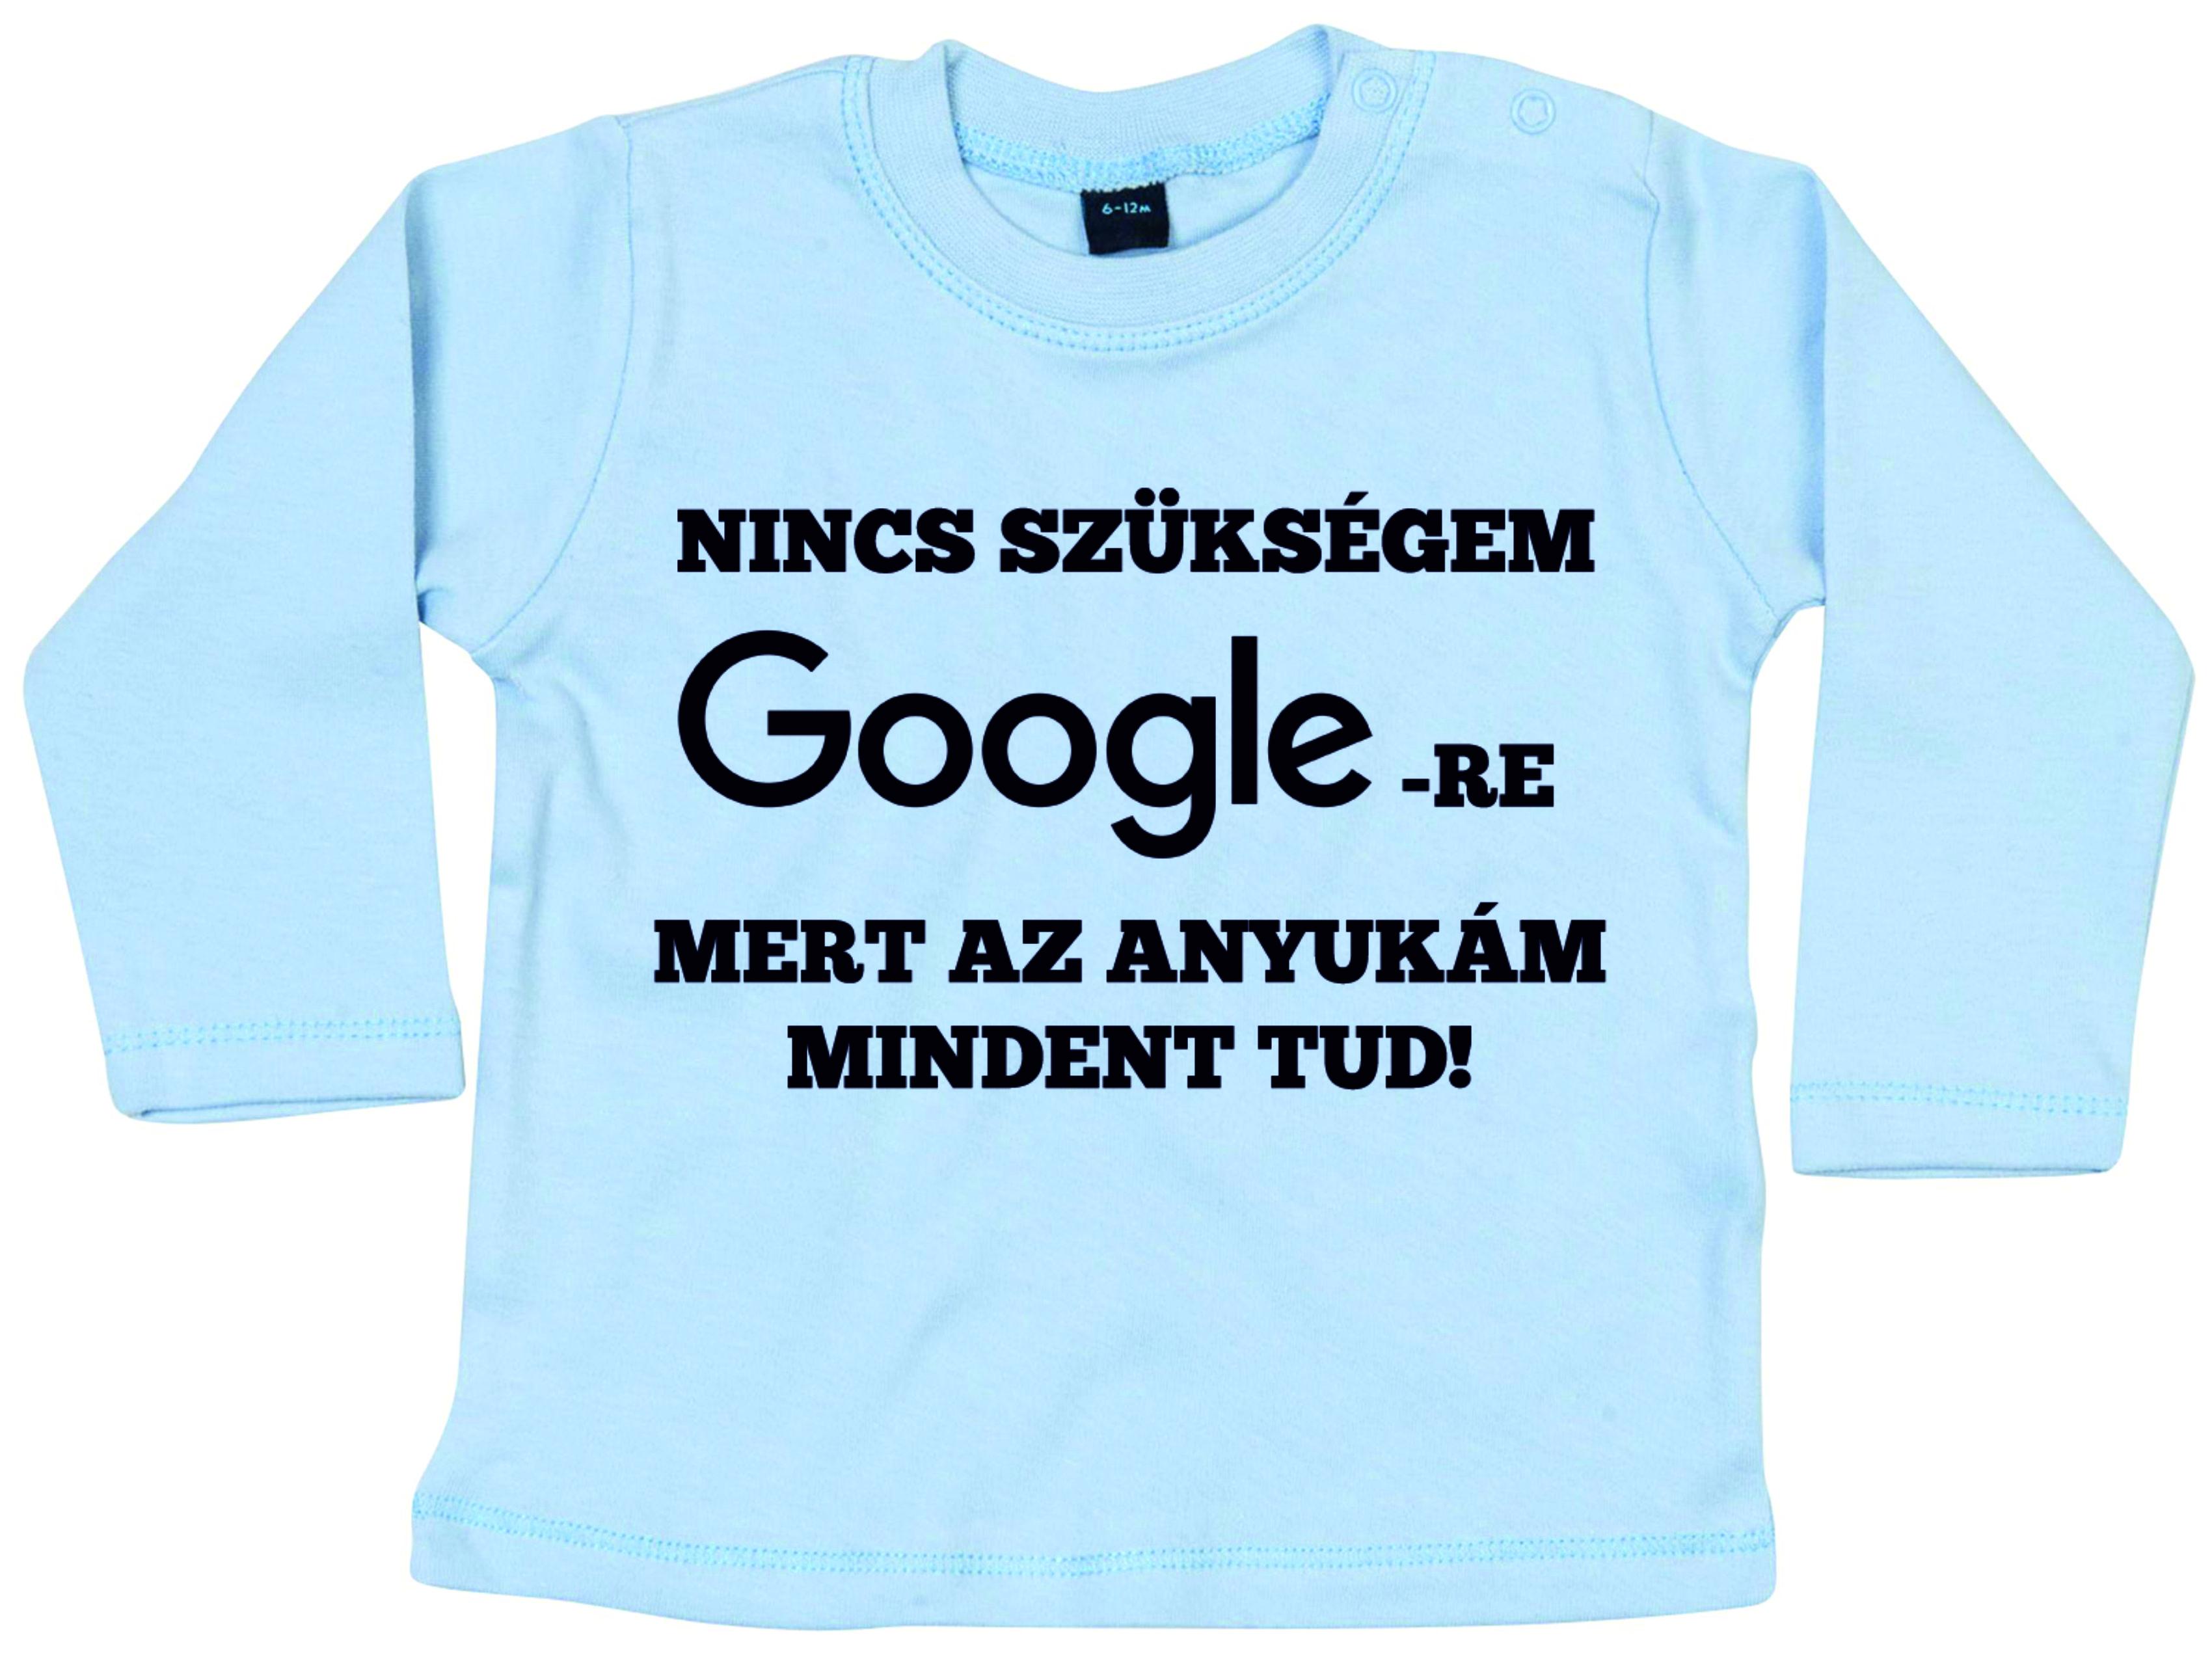 Nincs szükségem Googlera Anyukám 27ca58c1bf